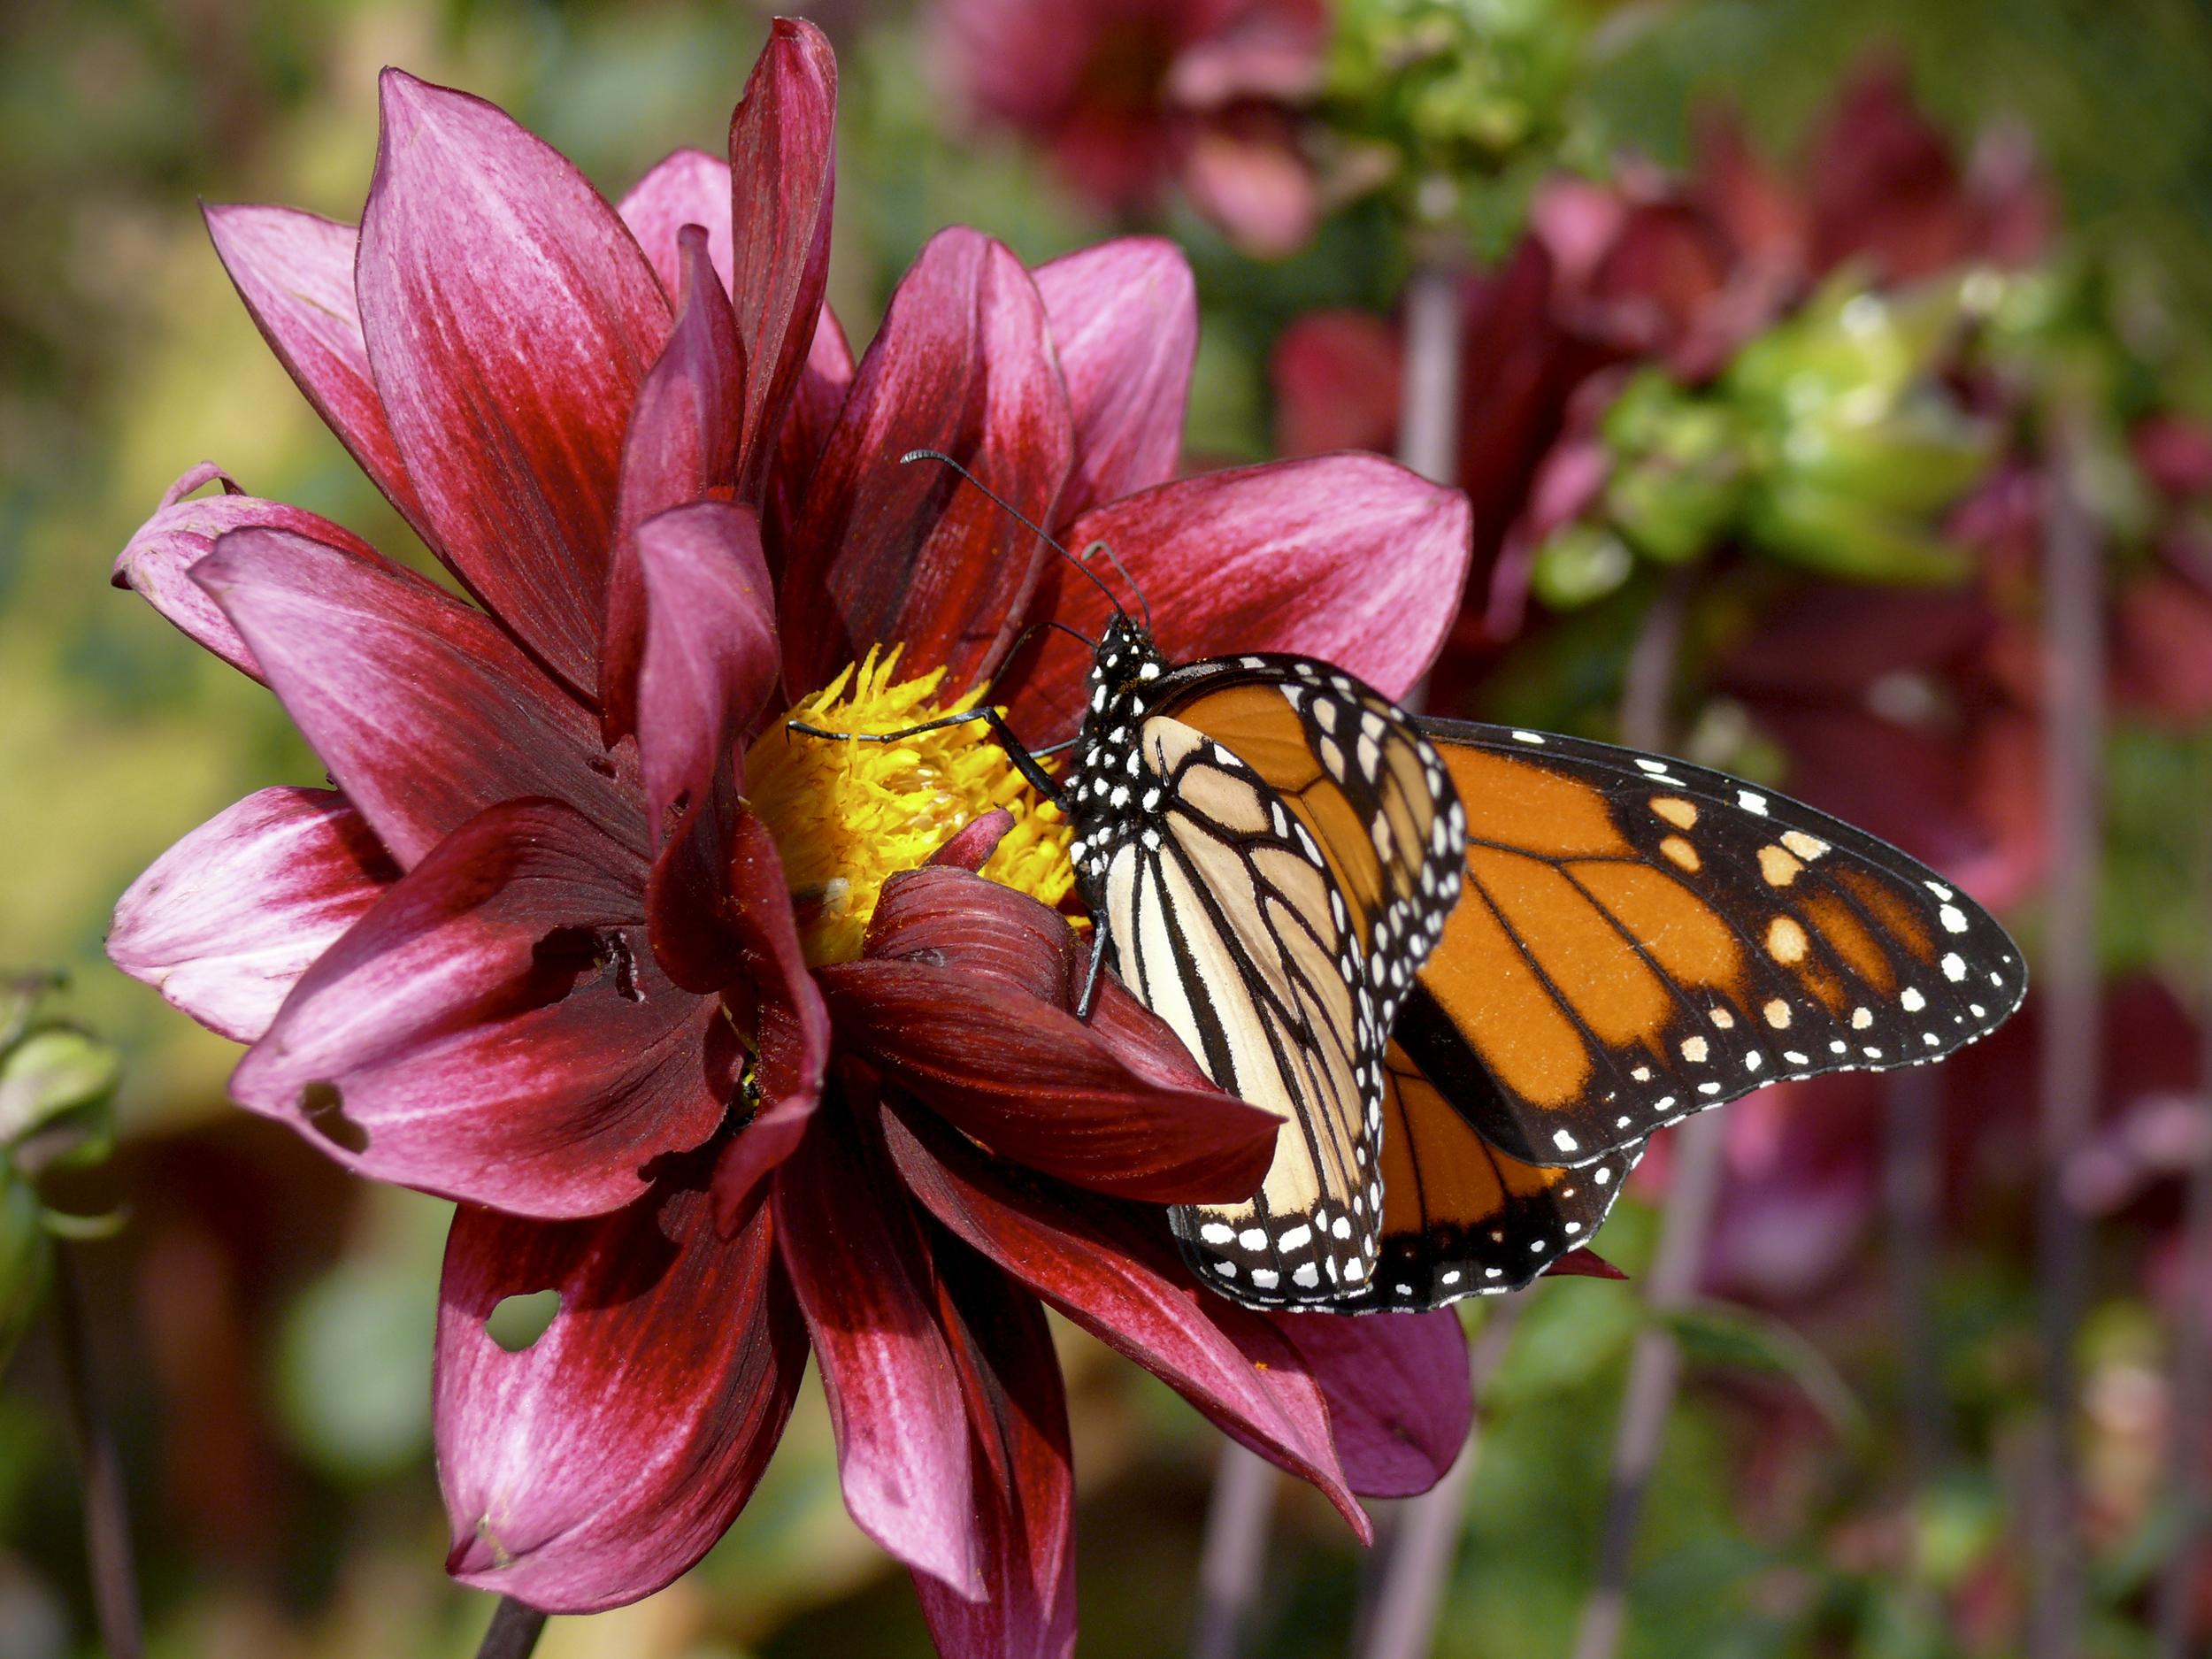 NE_Flowers_077.jpg